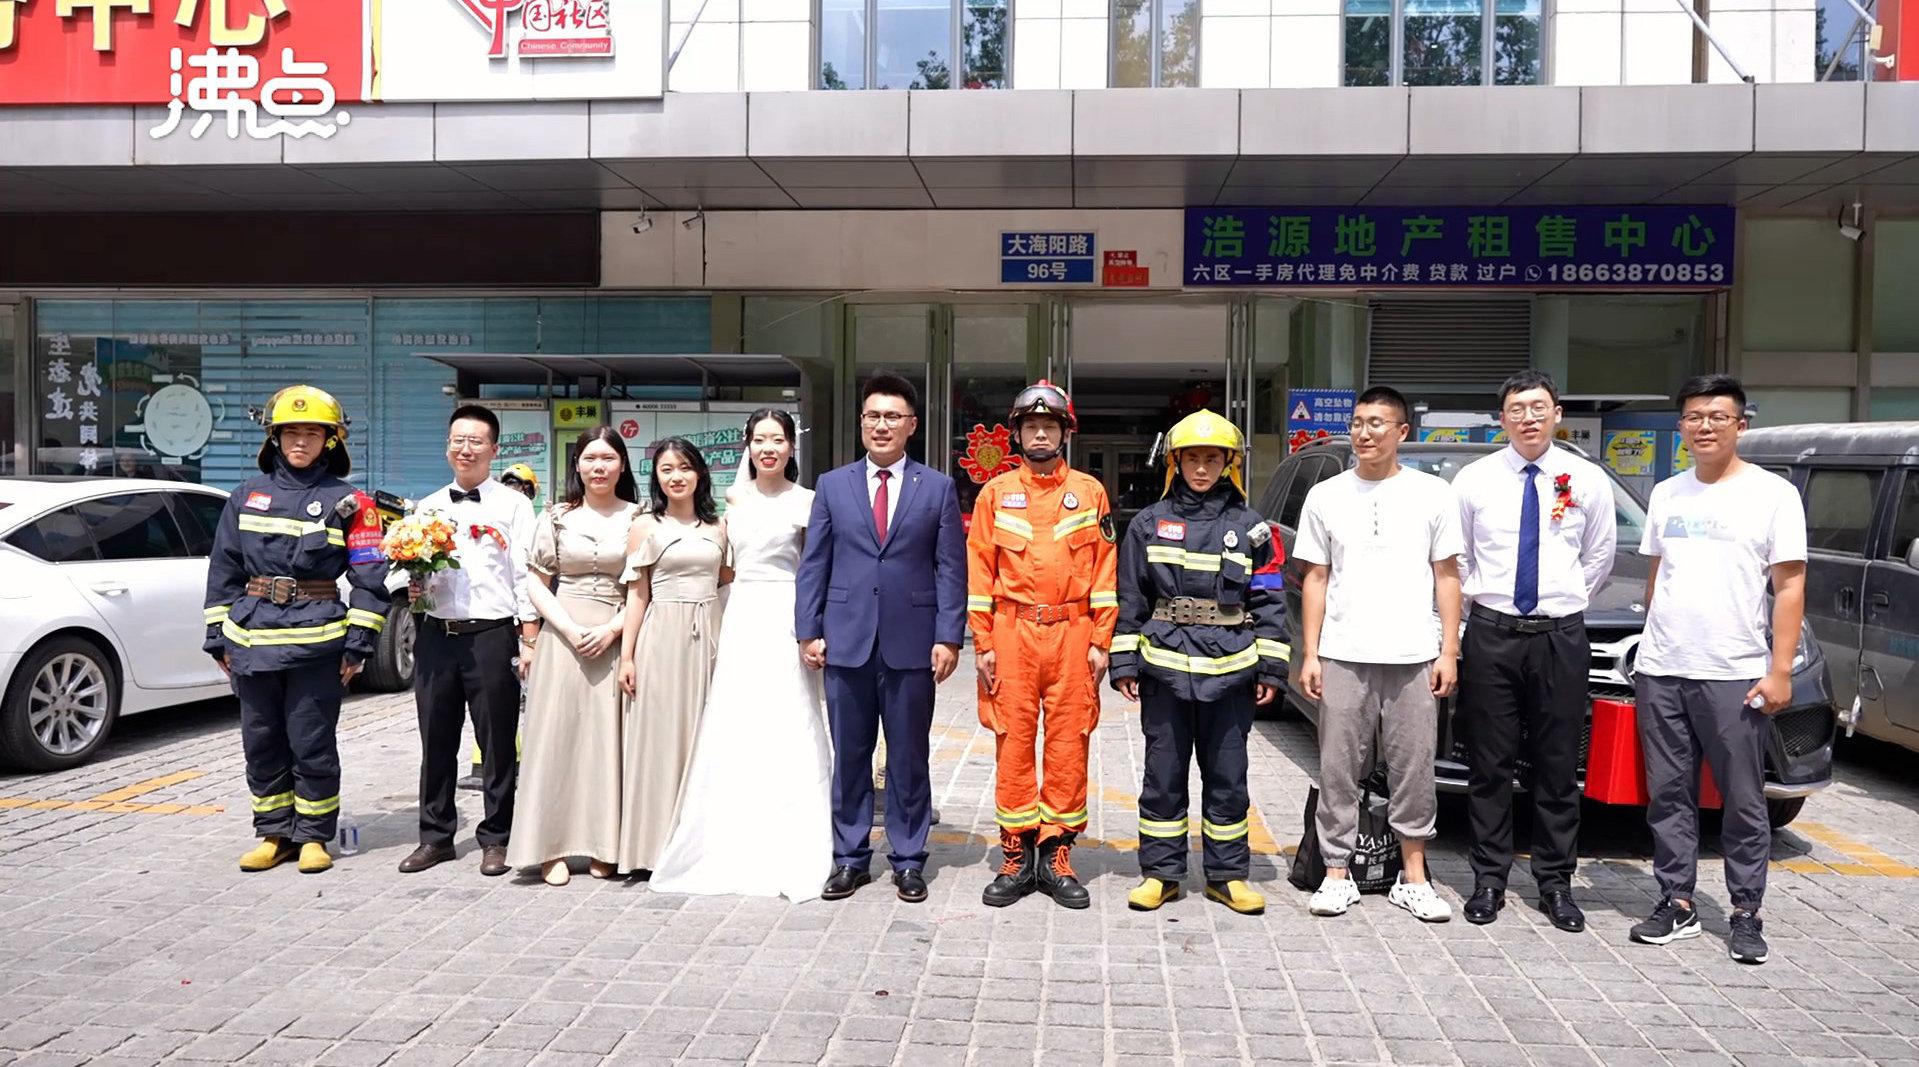 消防员救援成功 新人求合影